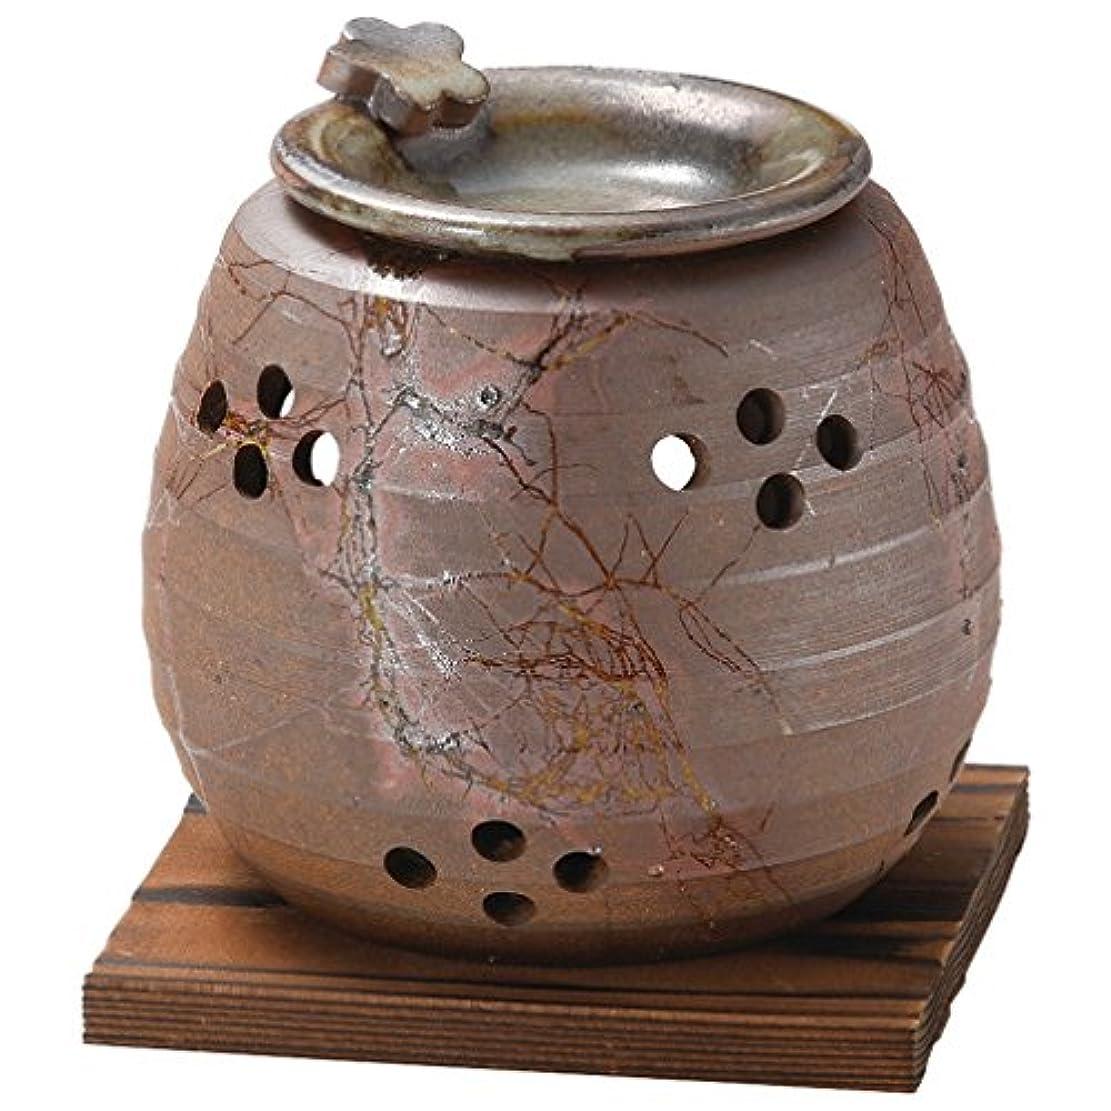 交通イブニング感謝する山下工芸 常滑焼 石龍焼〆藻掛茶香炉 12.5×11×11cm 13045730